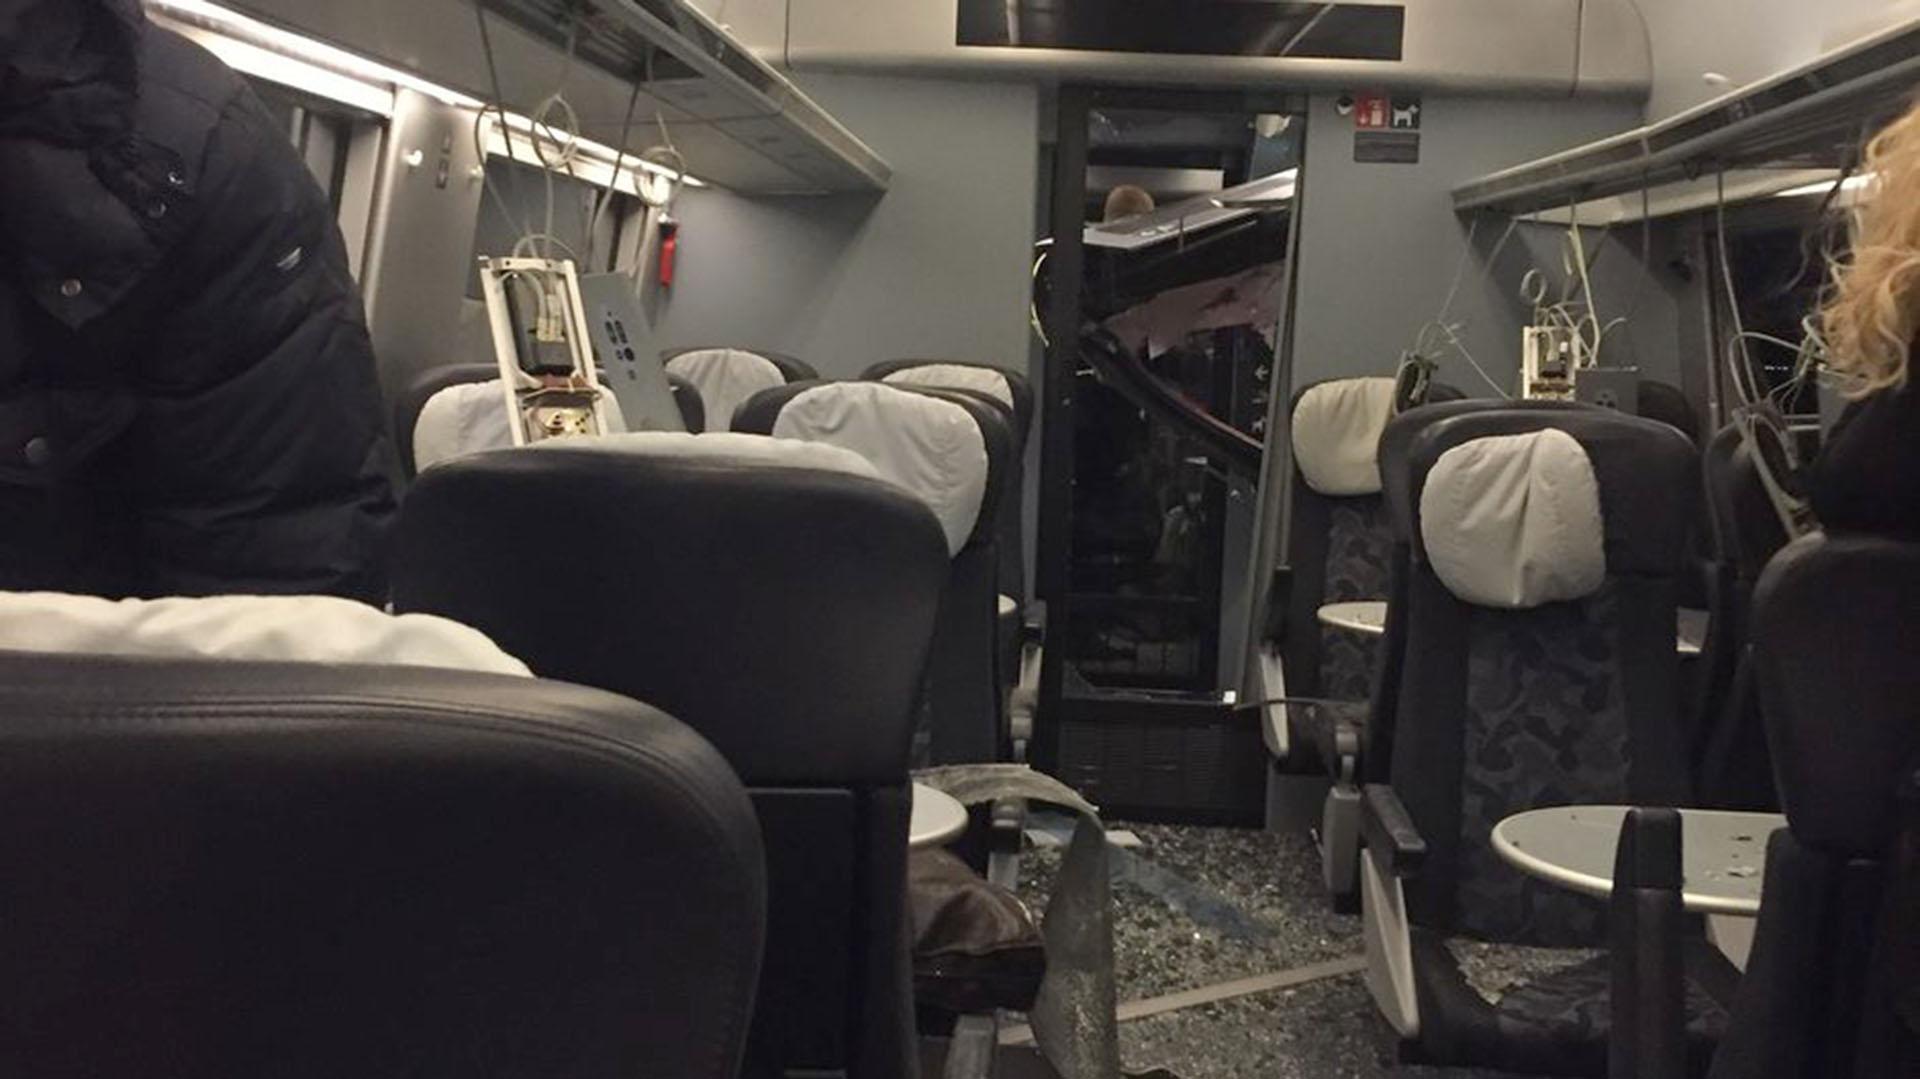 Así quedó el interior de uno de los vagones de pasajeros (@breakinglv)